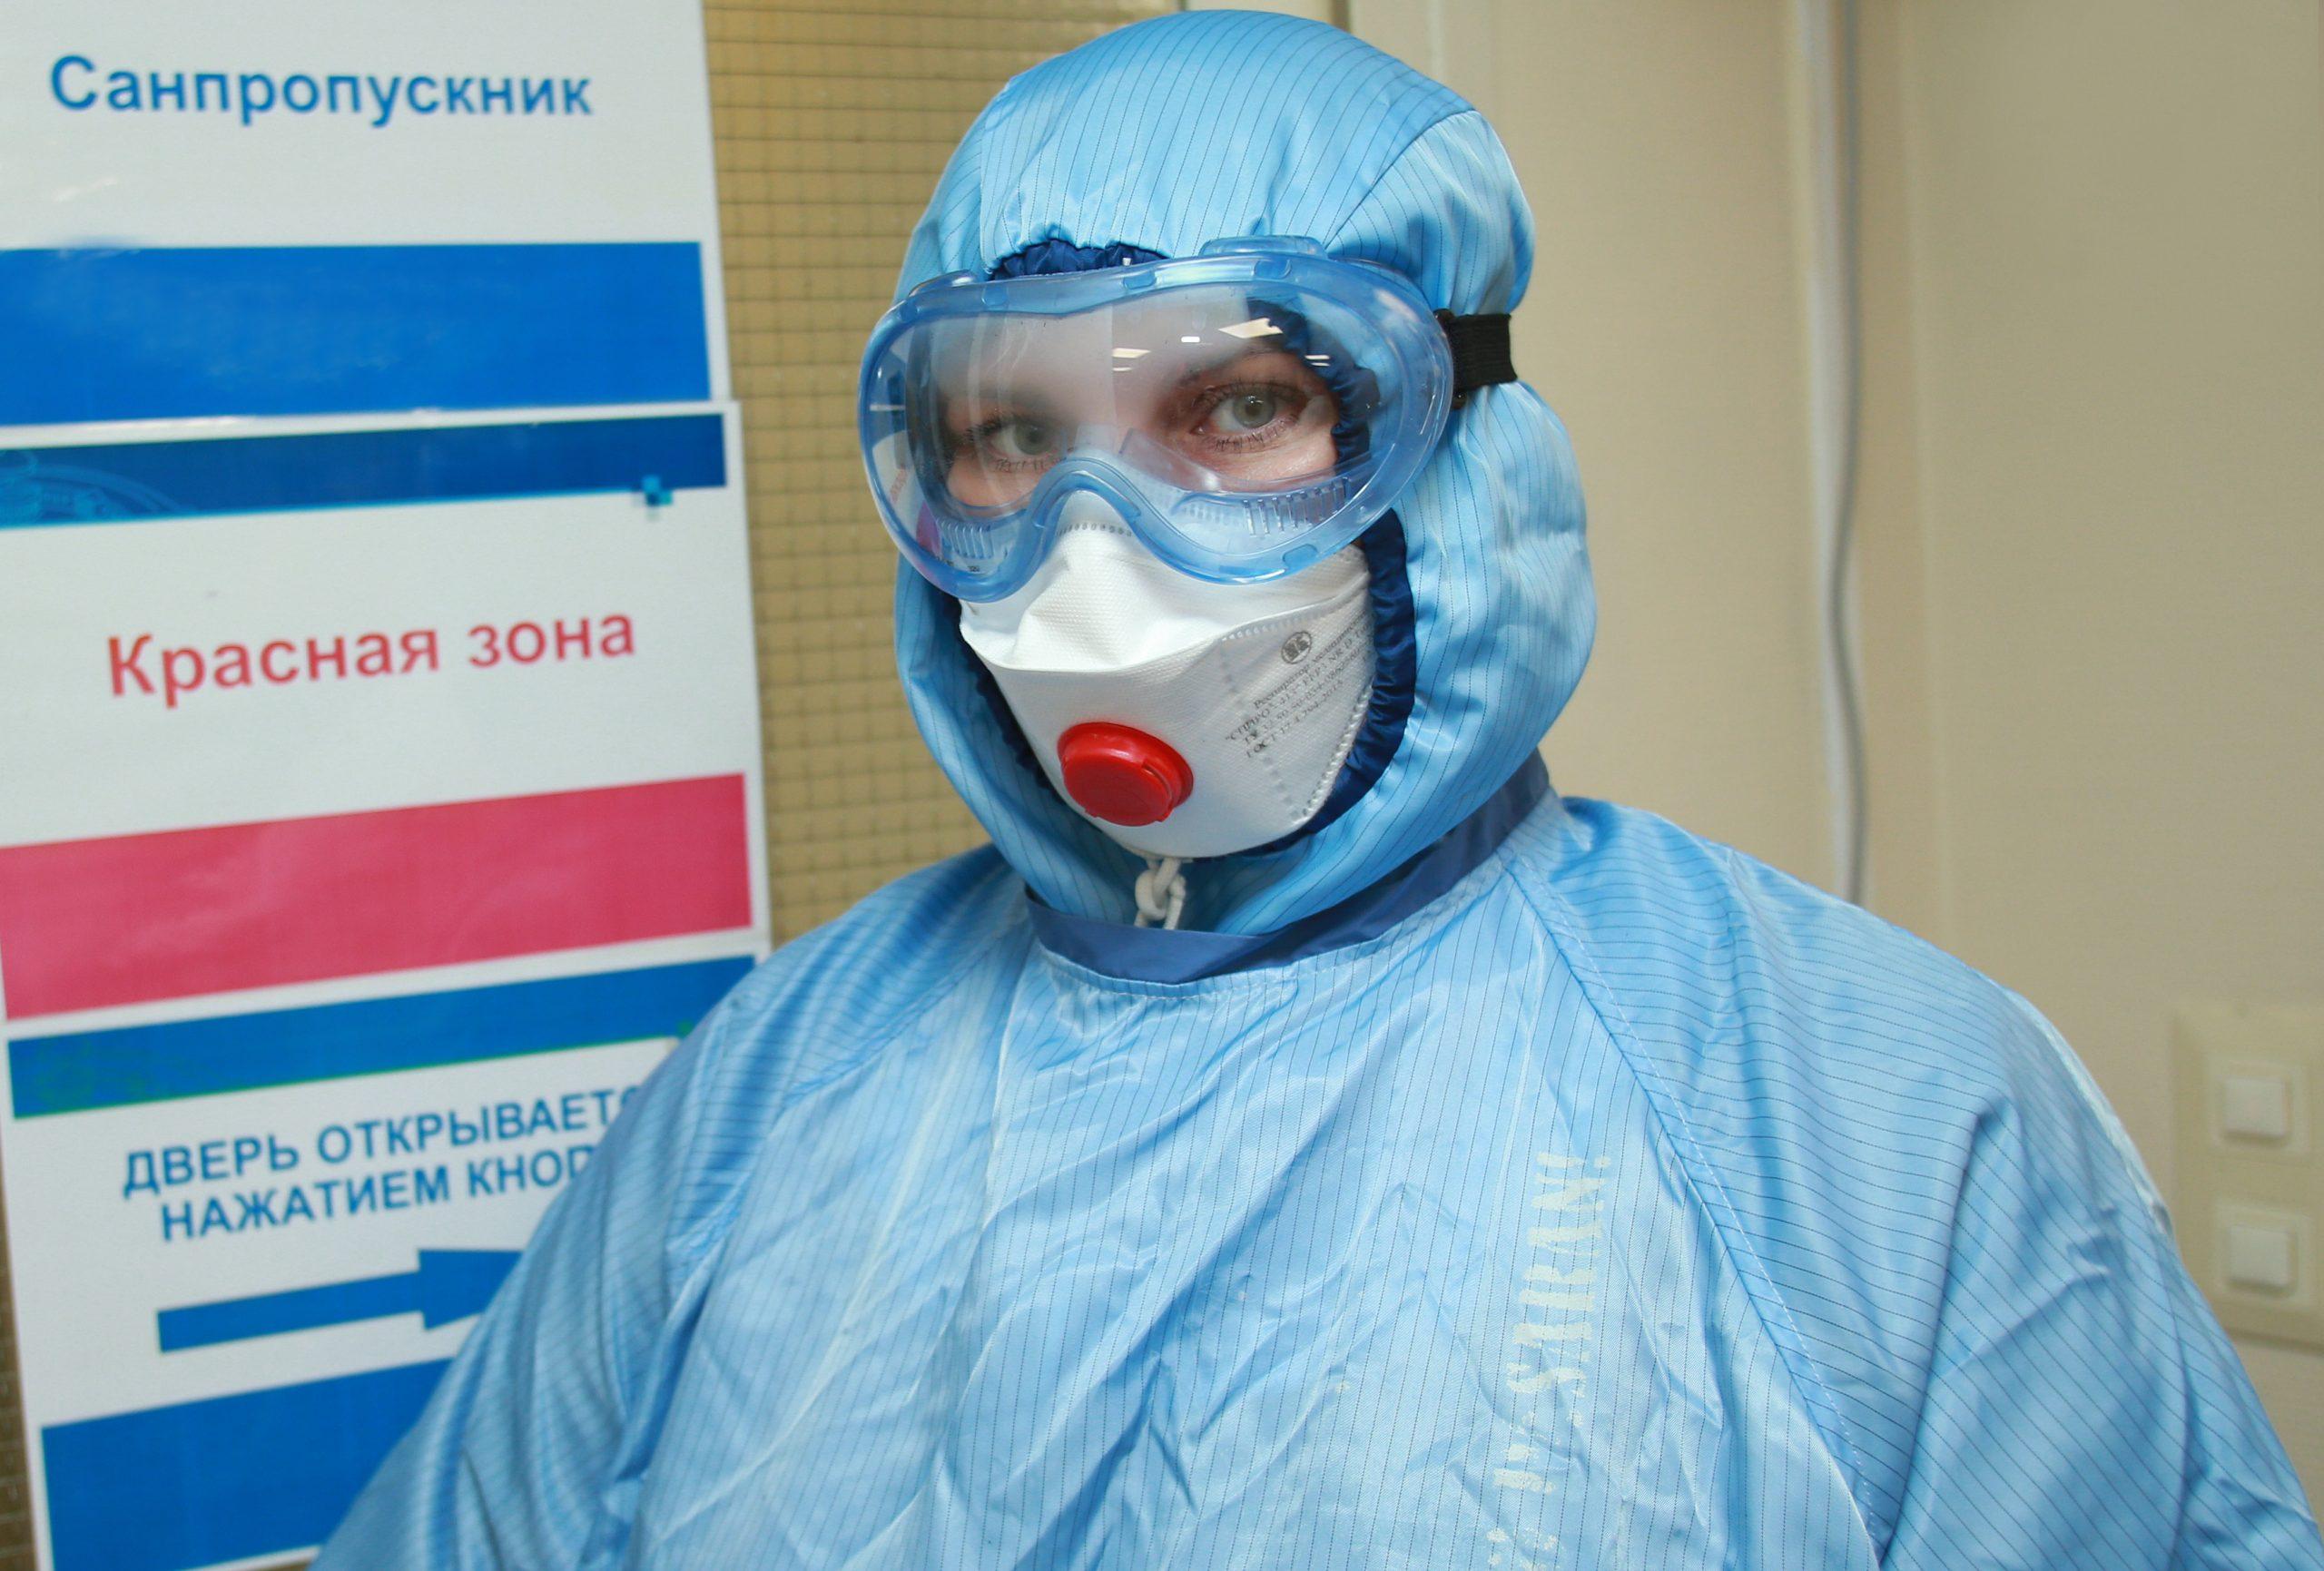 Борьба с инфекцией продолжается. Фото: Наталия Нечаева